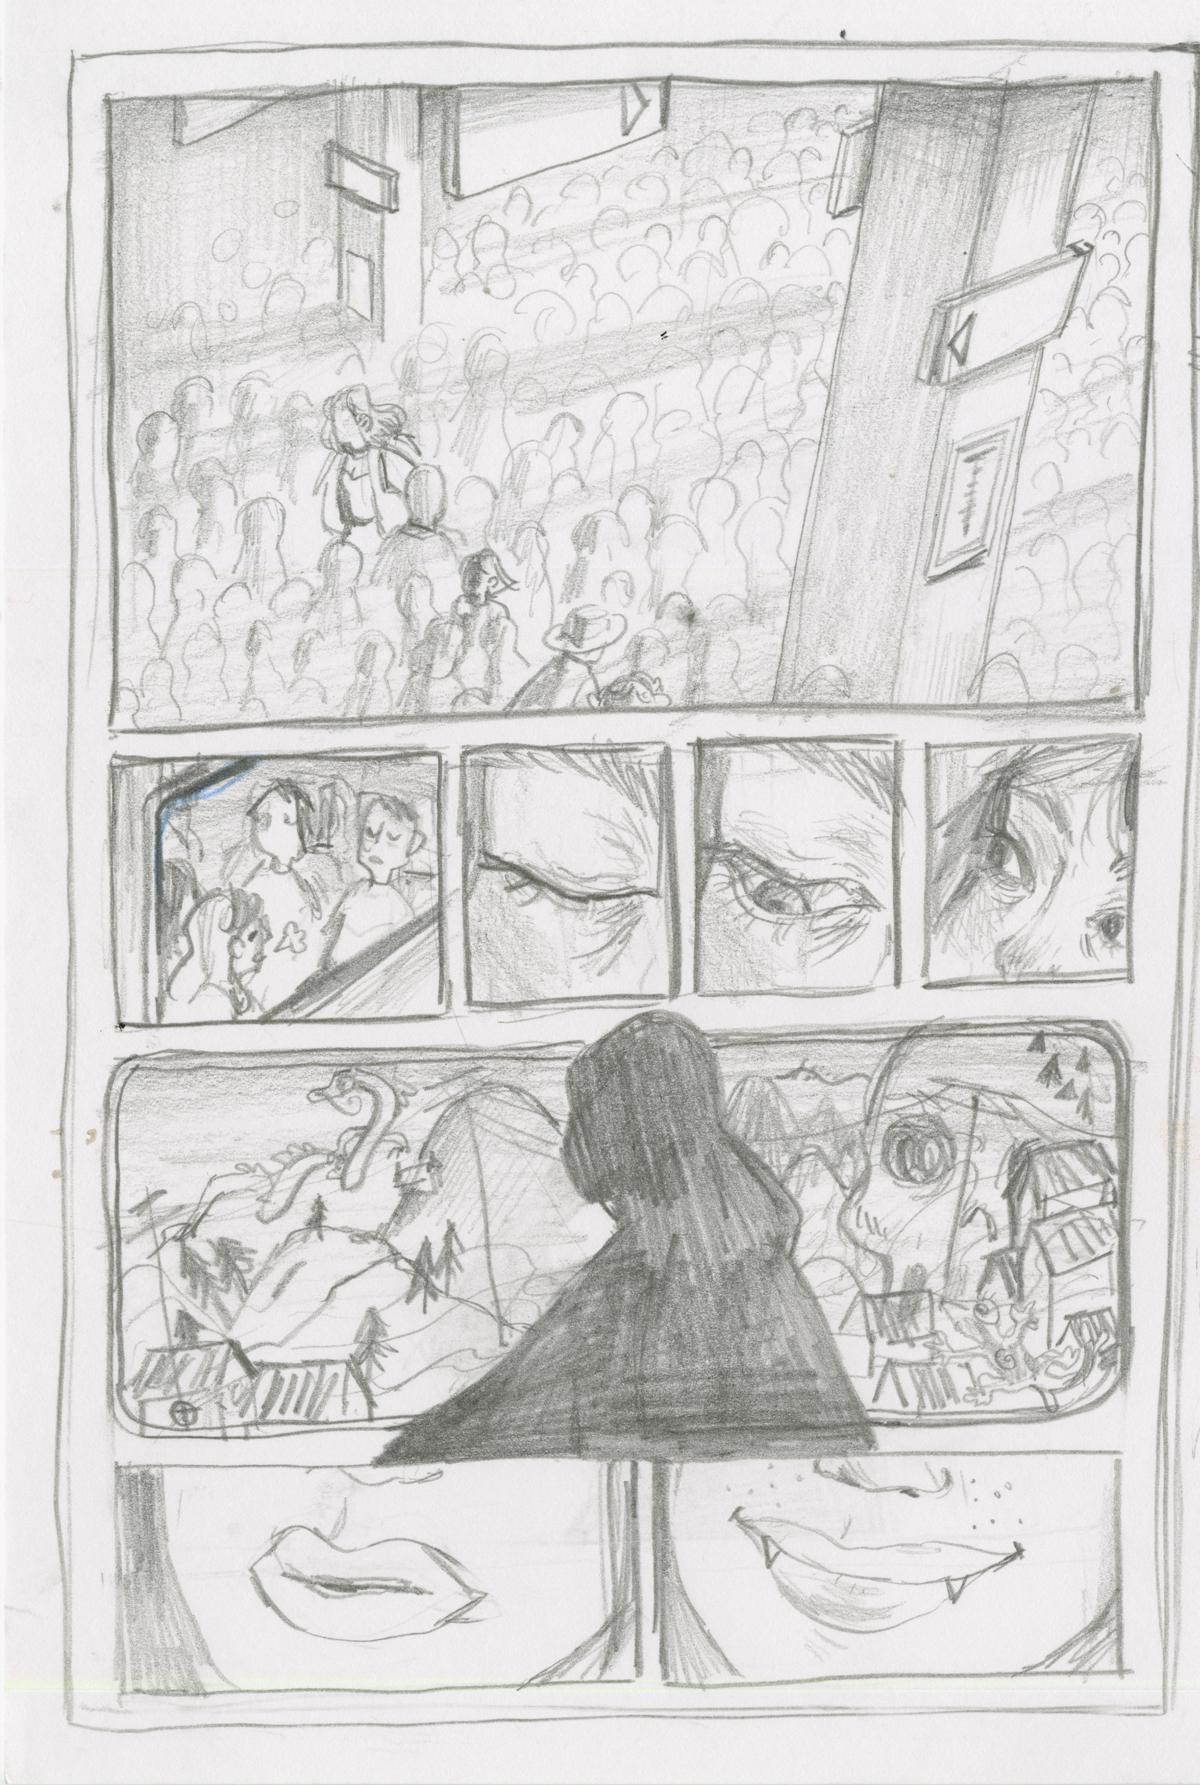 Comic01_draft03.jpg